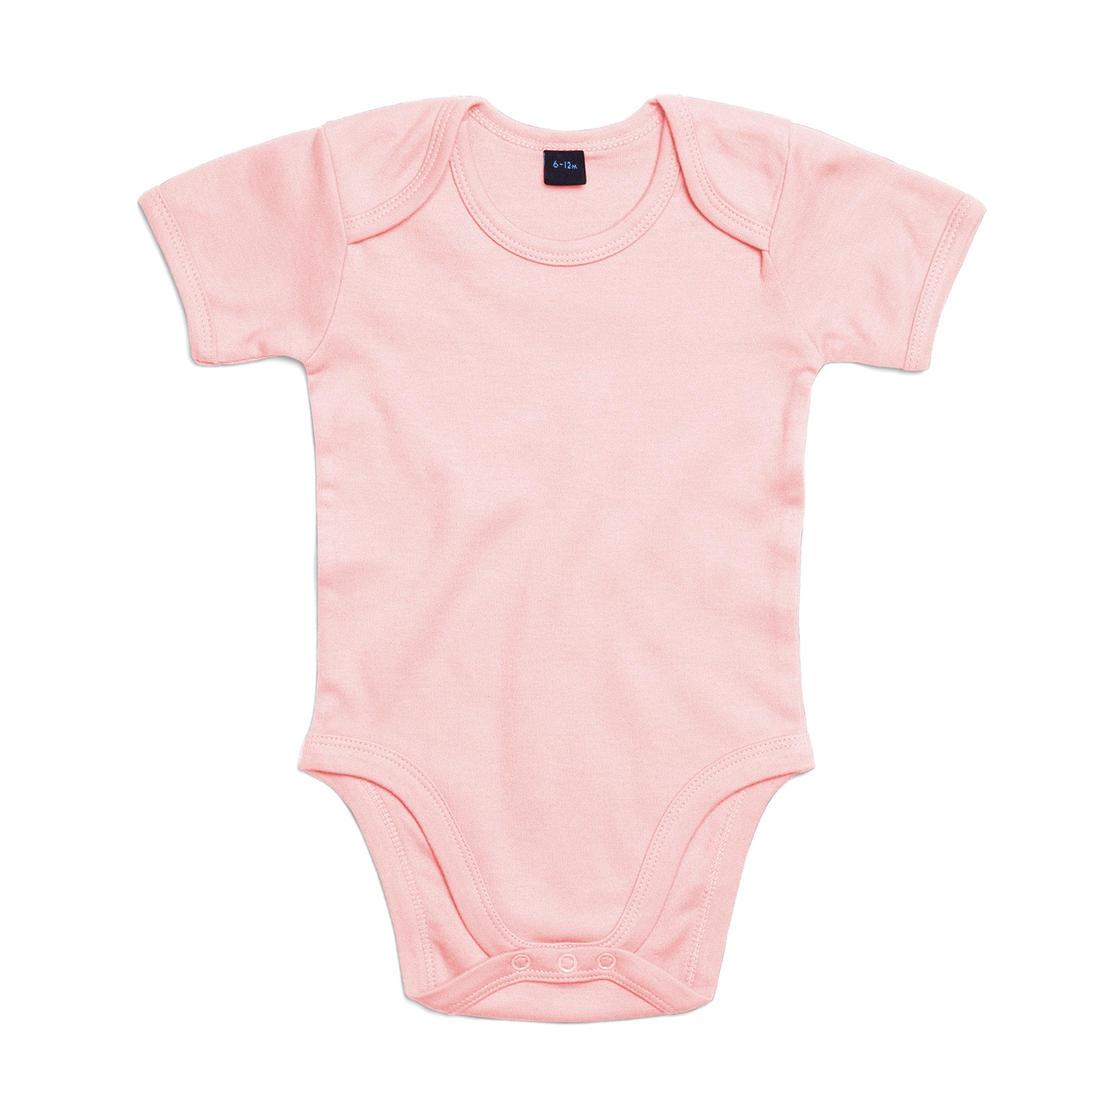 Dětské body Babybugz Organic Baby Short - světle růžové, 0-3 měsíců